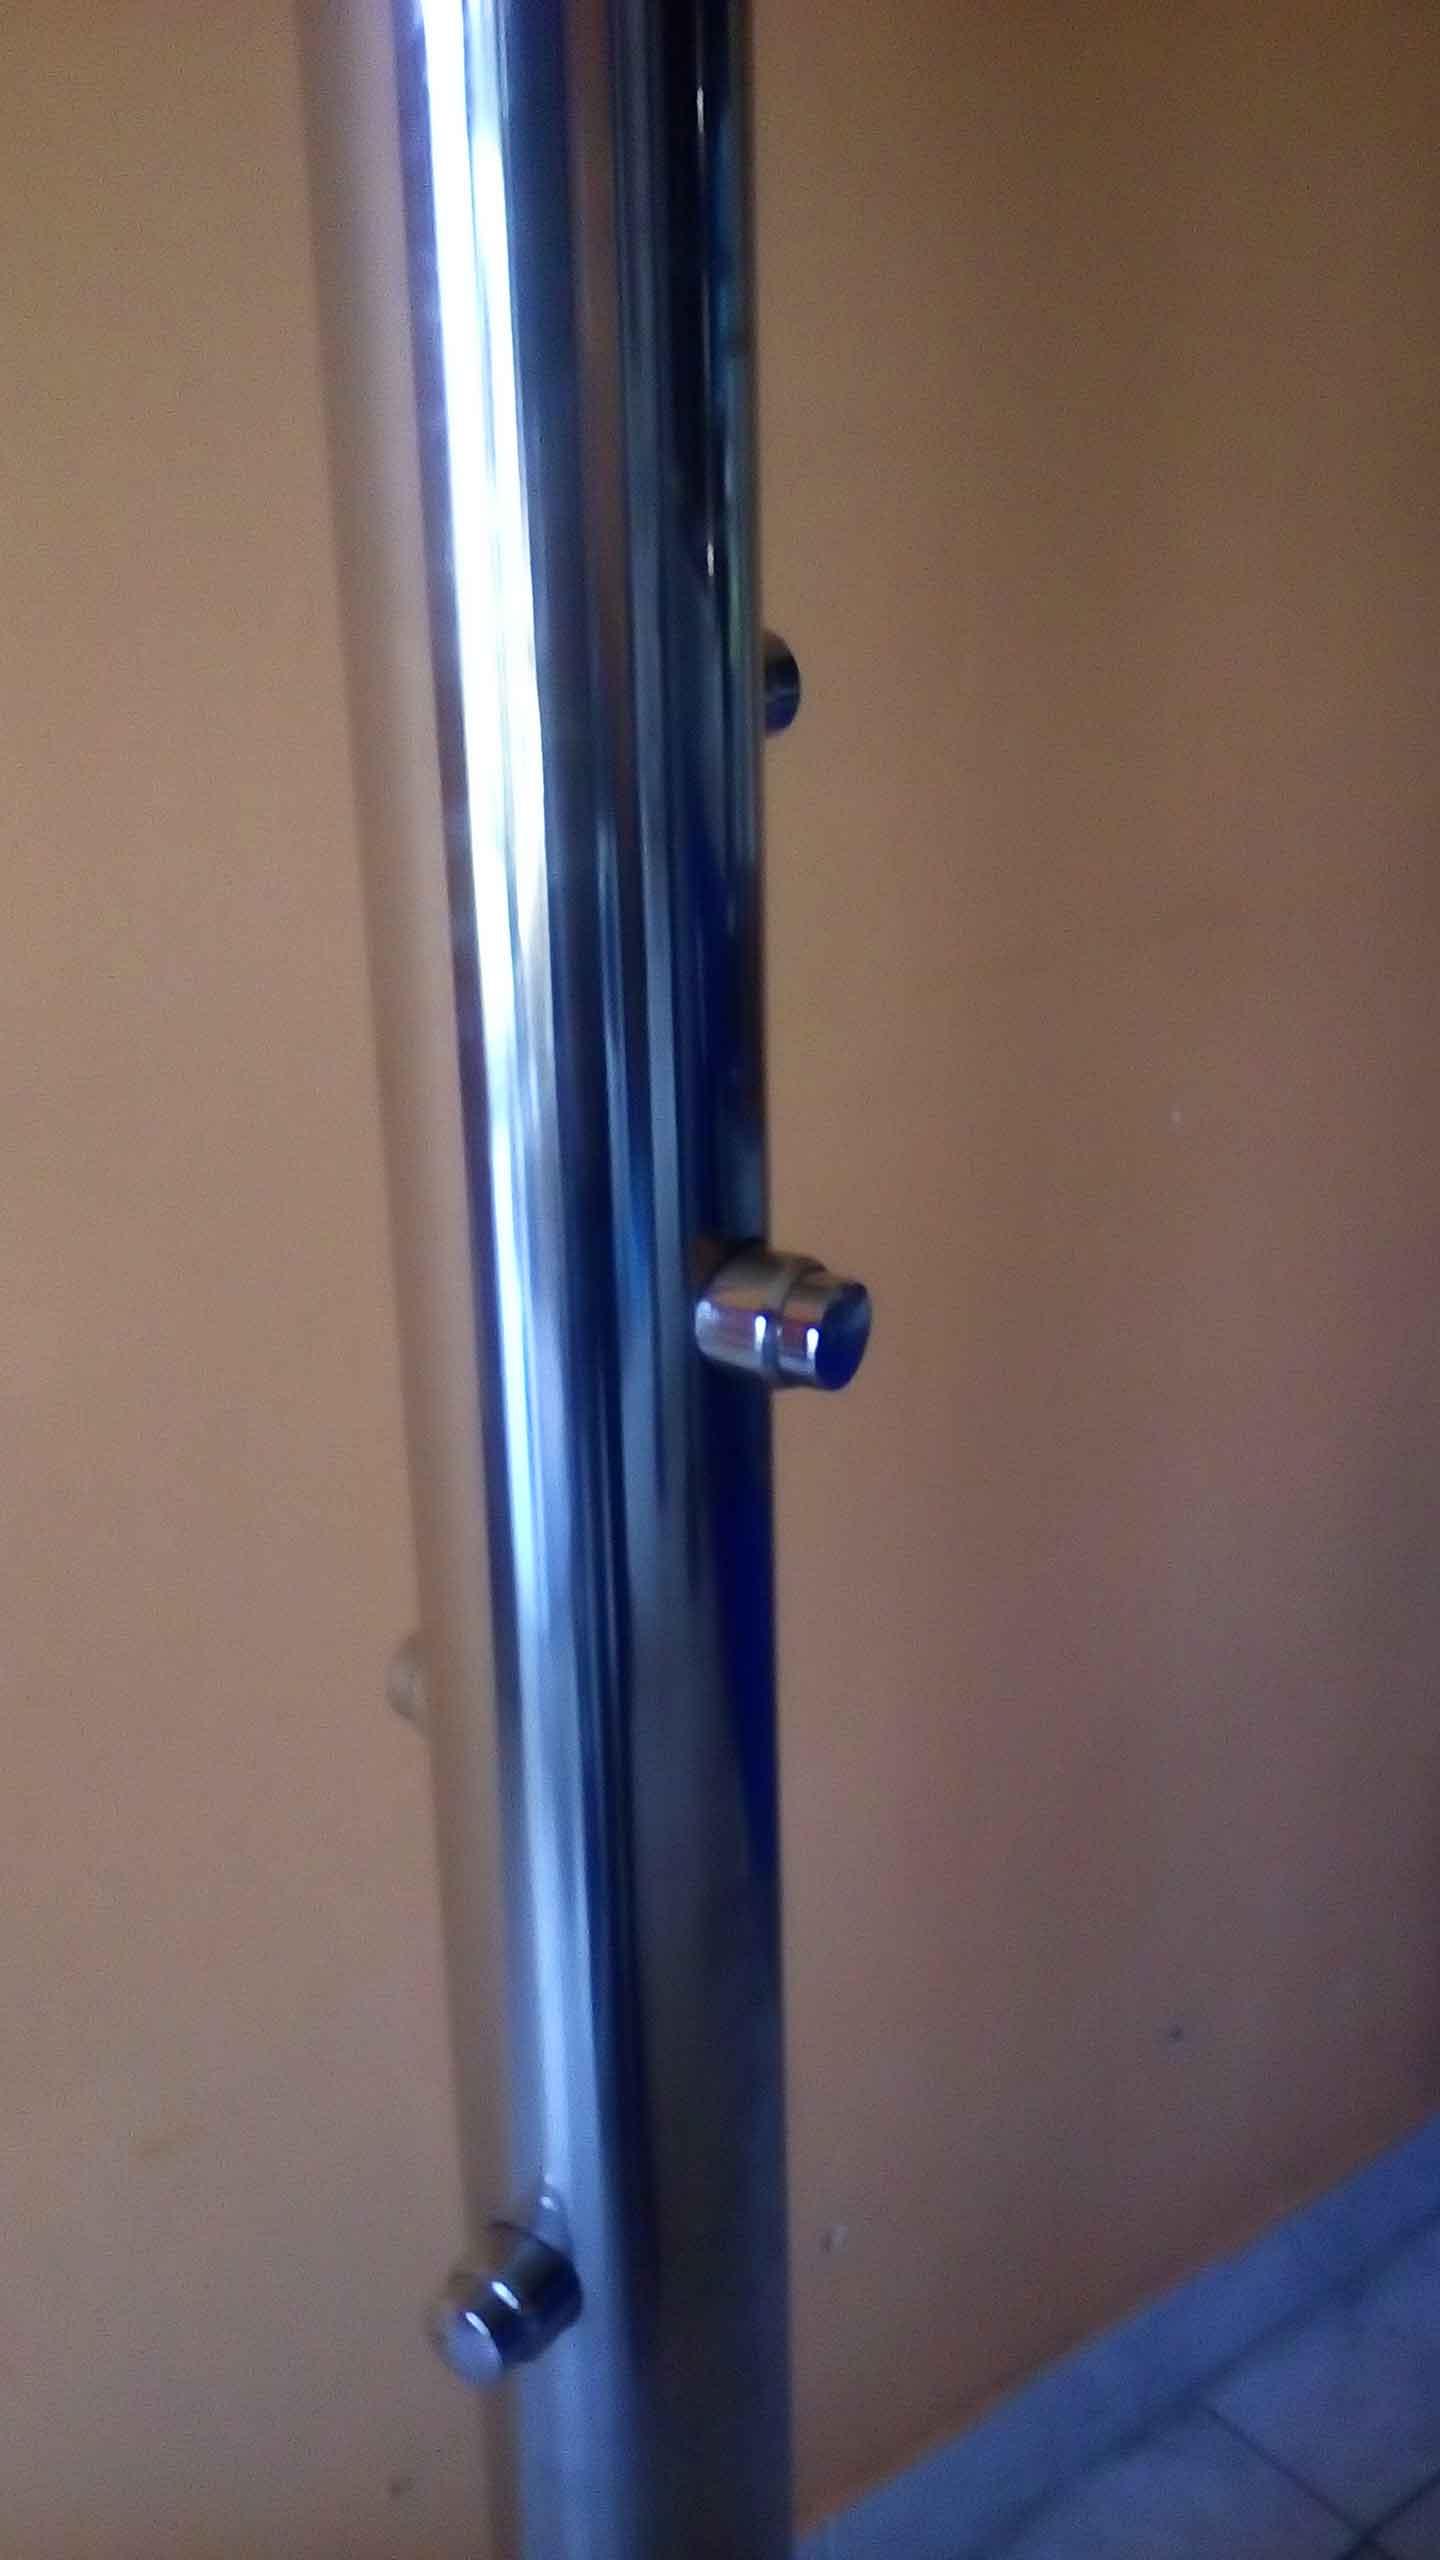 detalj samozatvarajućeg ventila